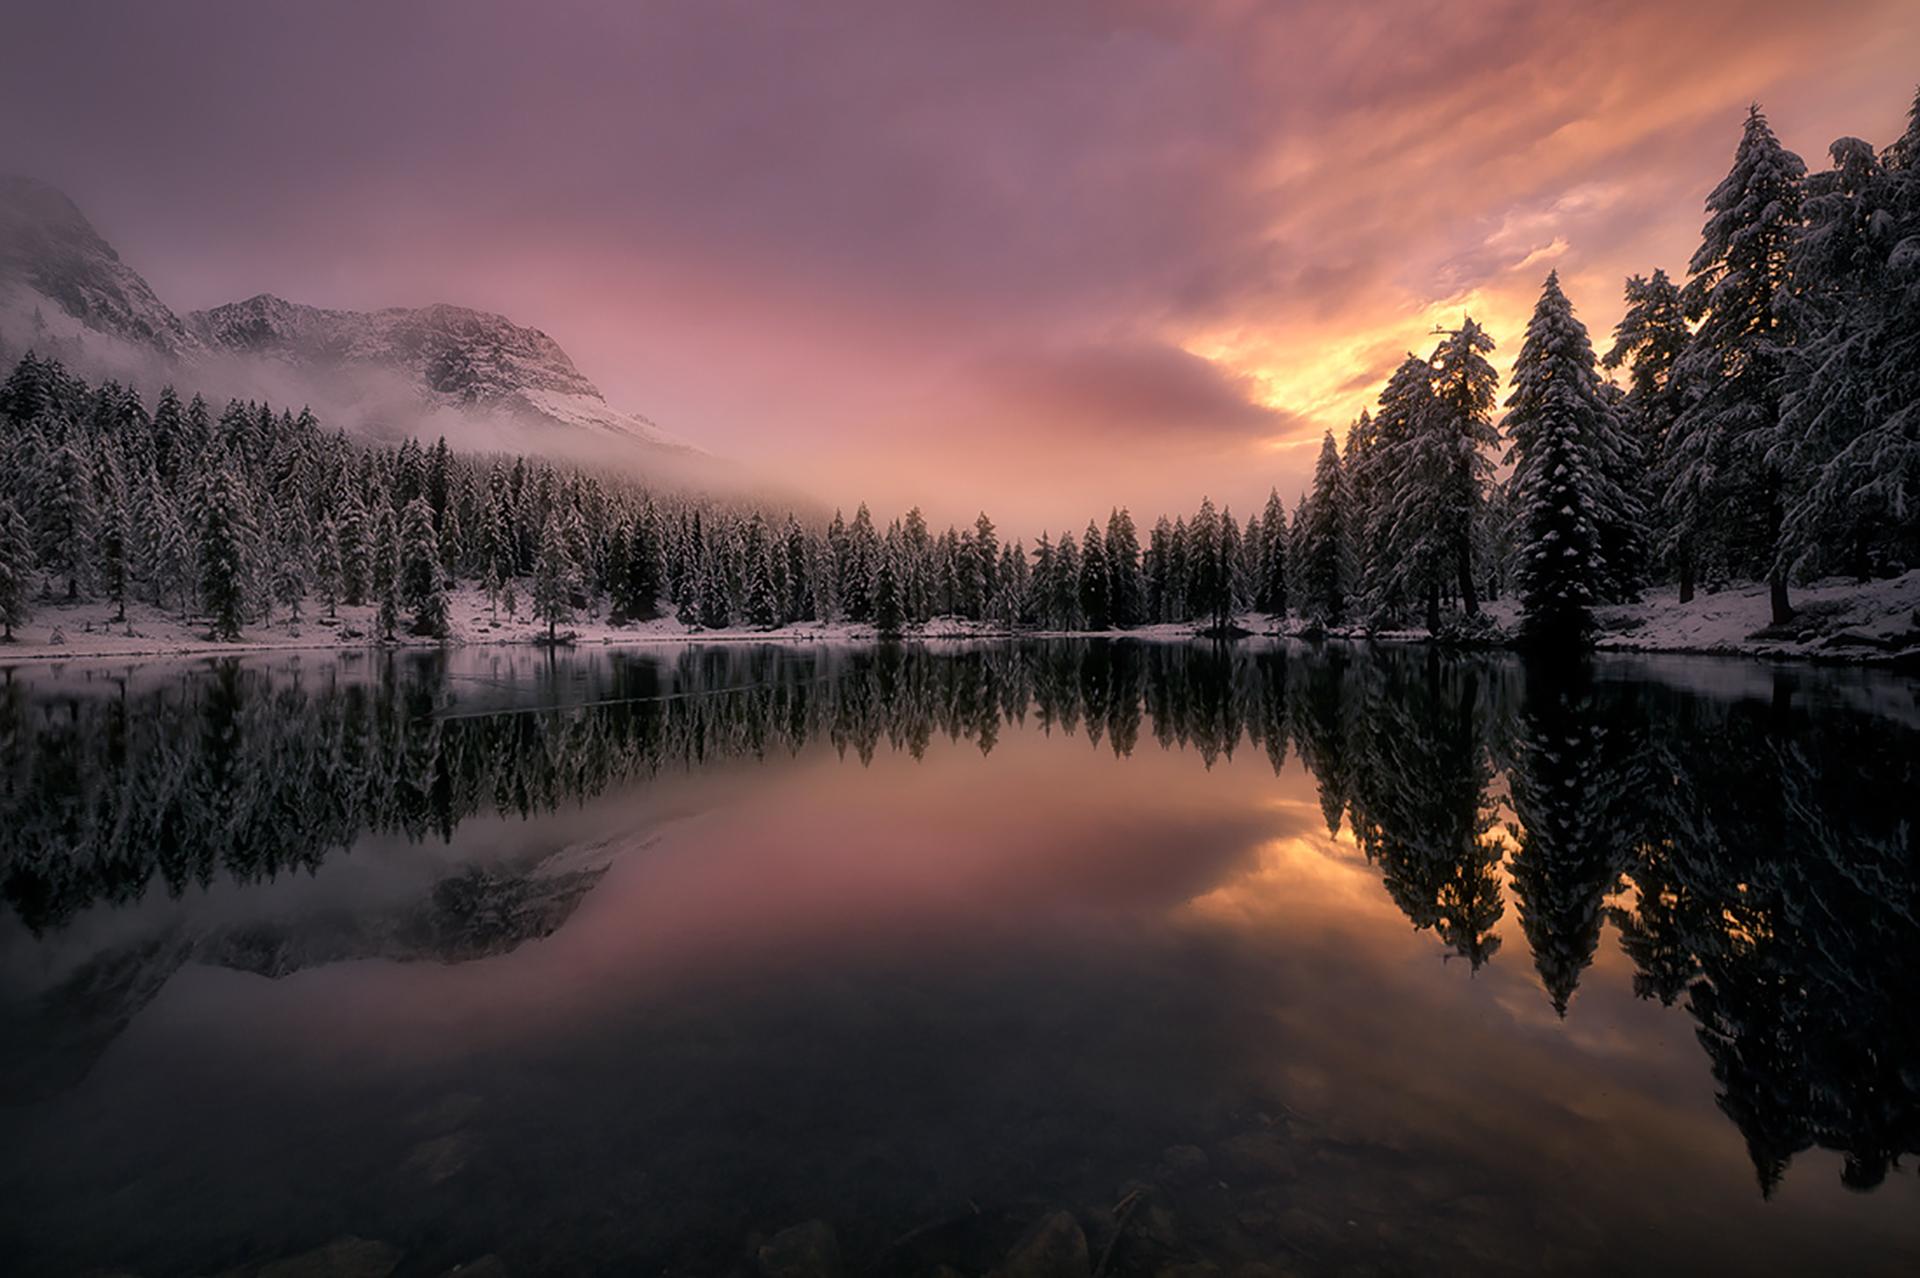 горы отражение лес туман  № 2832577 бесплатно